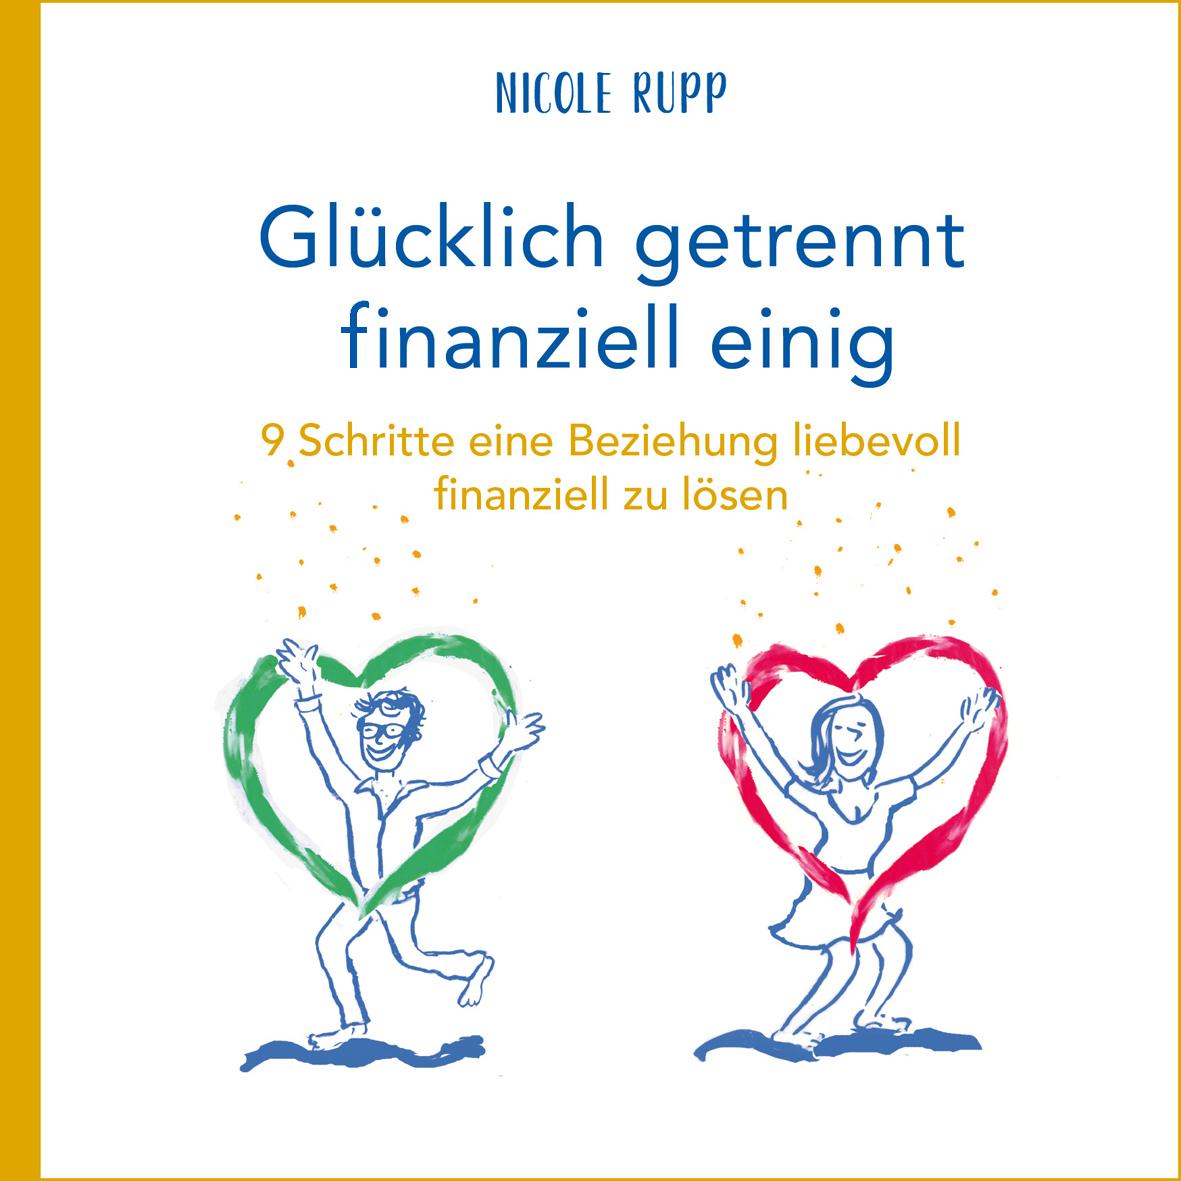 Glücklich getrennt - finanziell einig